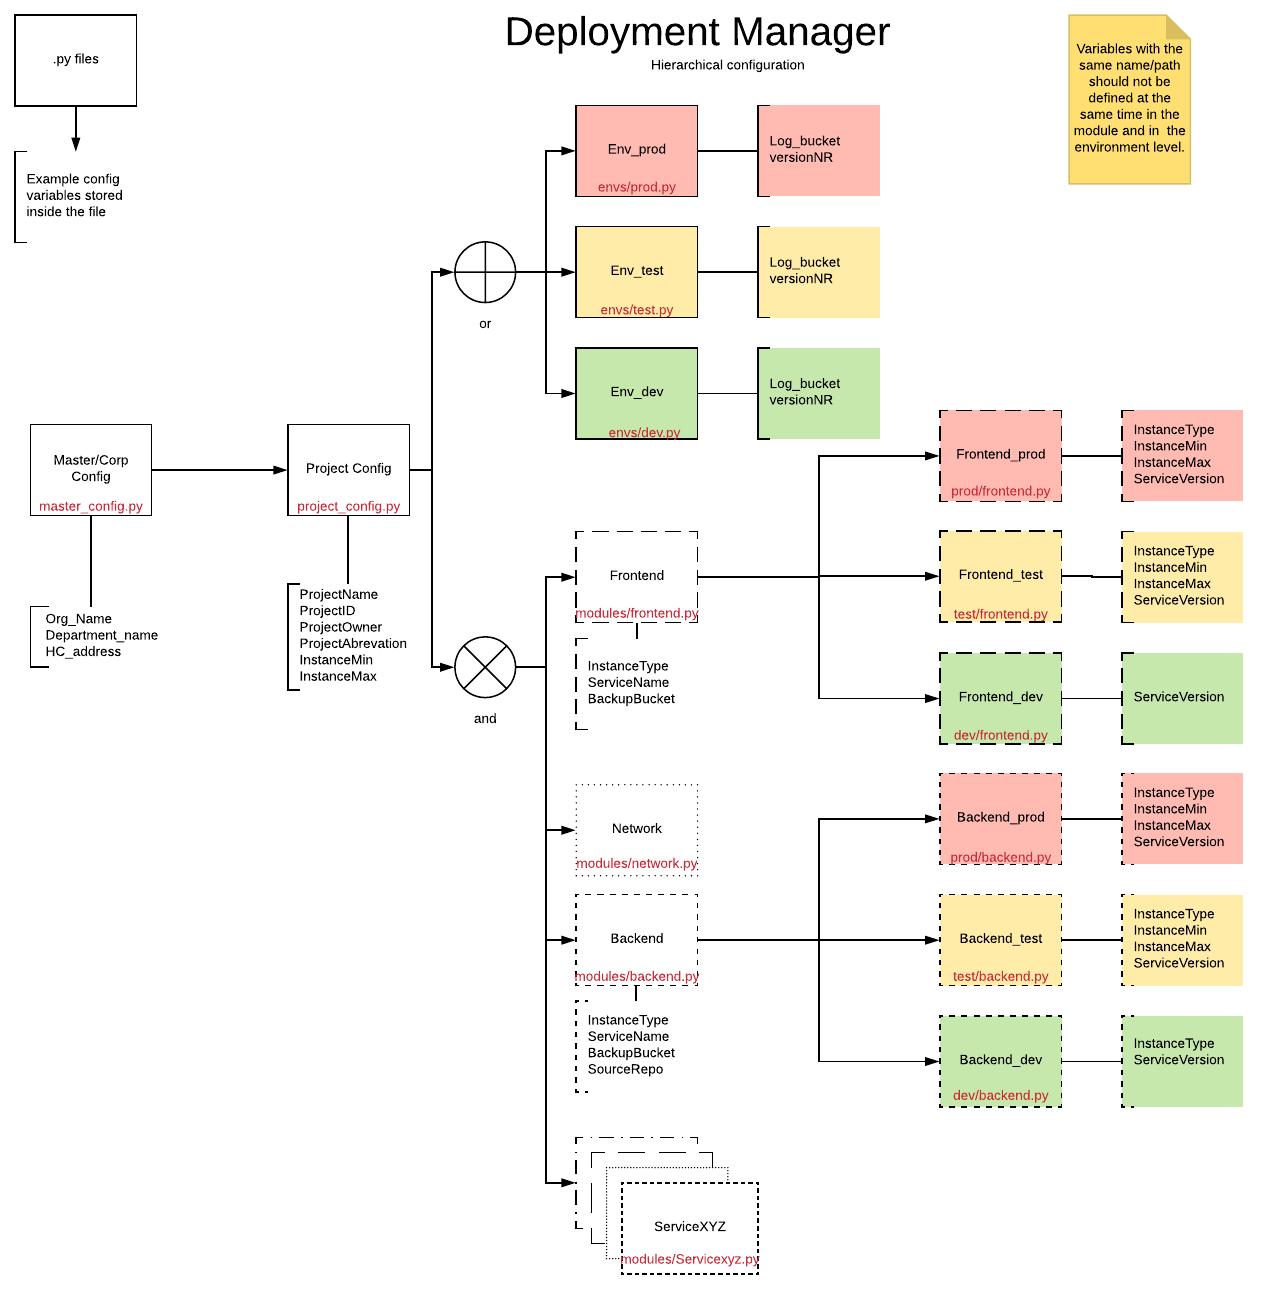 Hierarquia de configuração com diferentes níveis e os relacionamentos entre eles destacados.